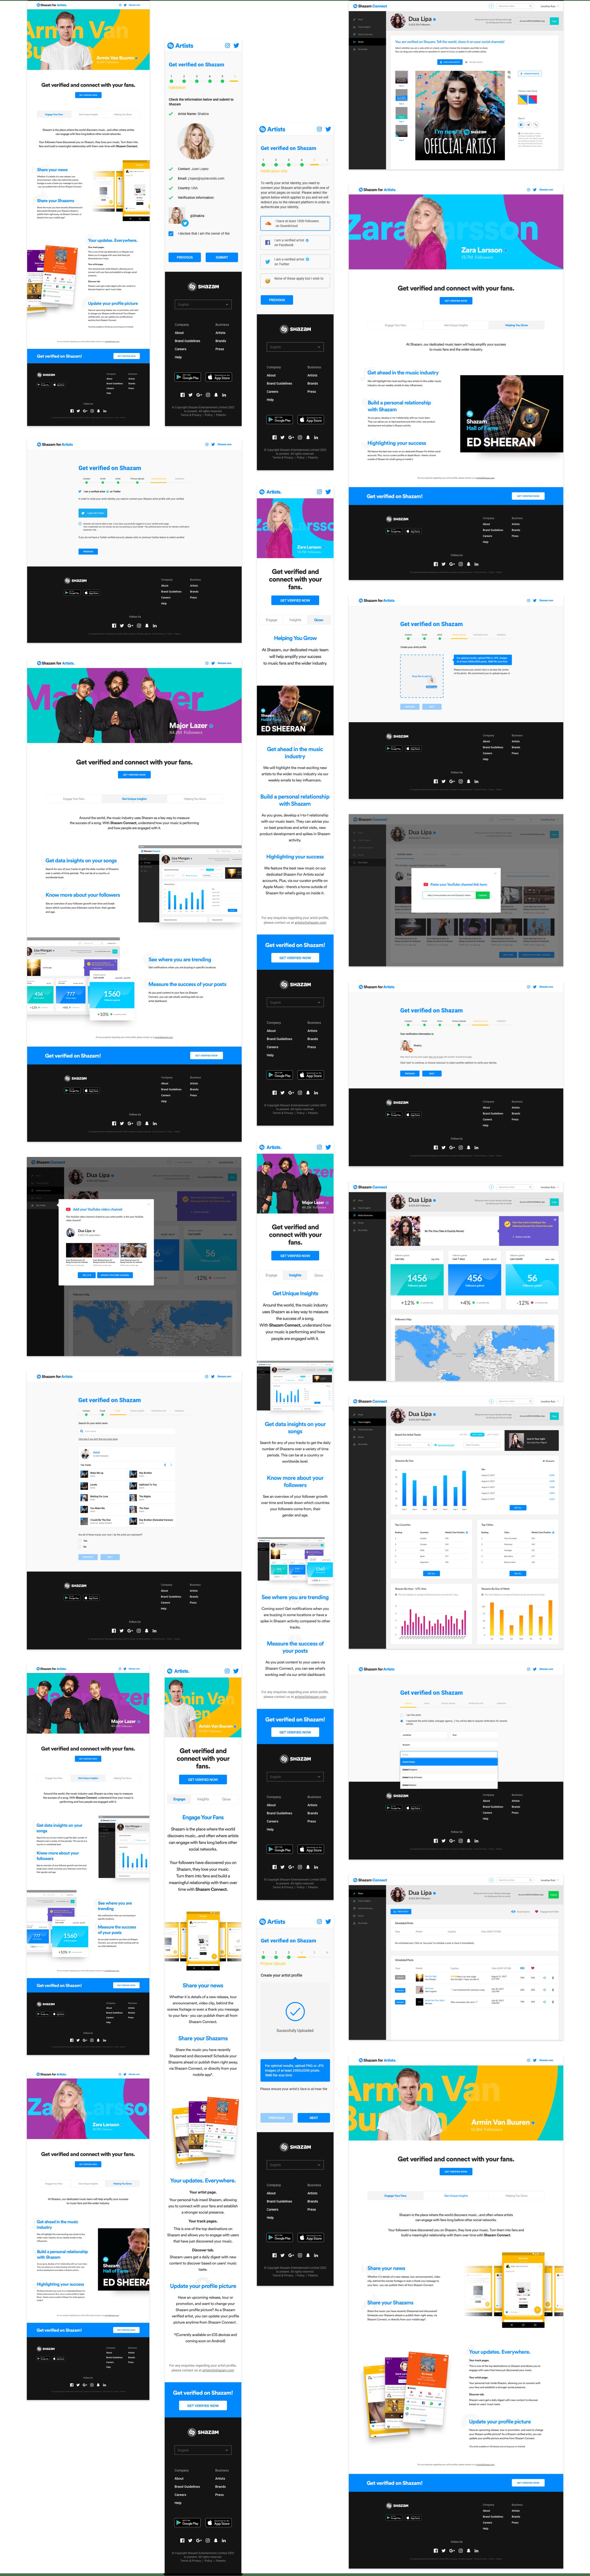 revamped Shazam.com